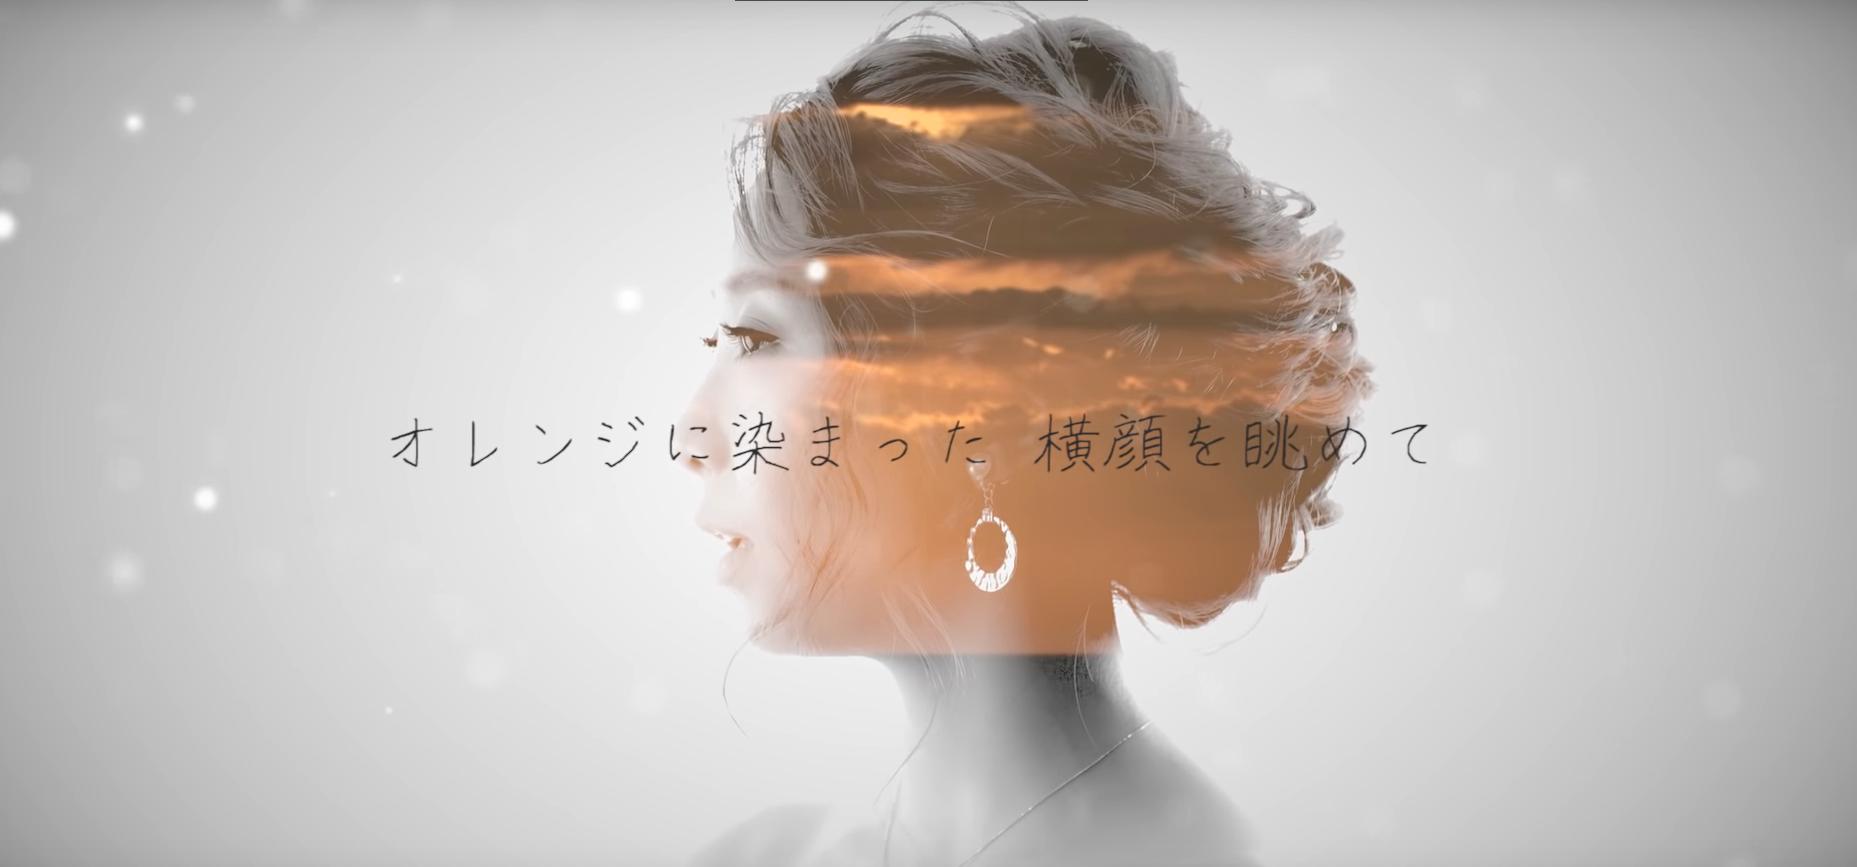 natsuki_natsunomemory